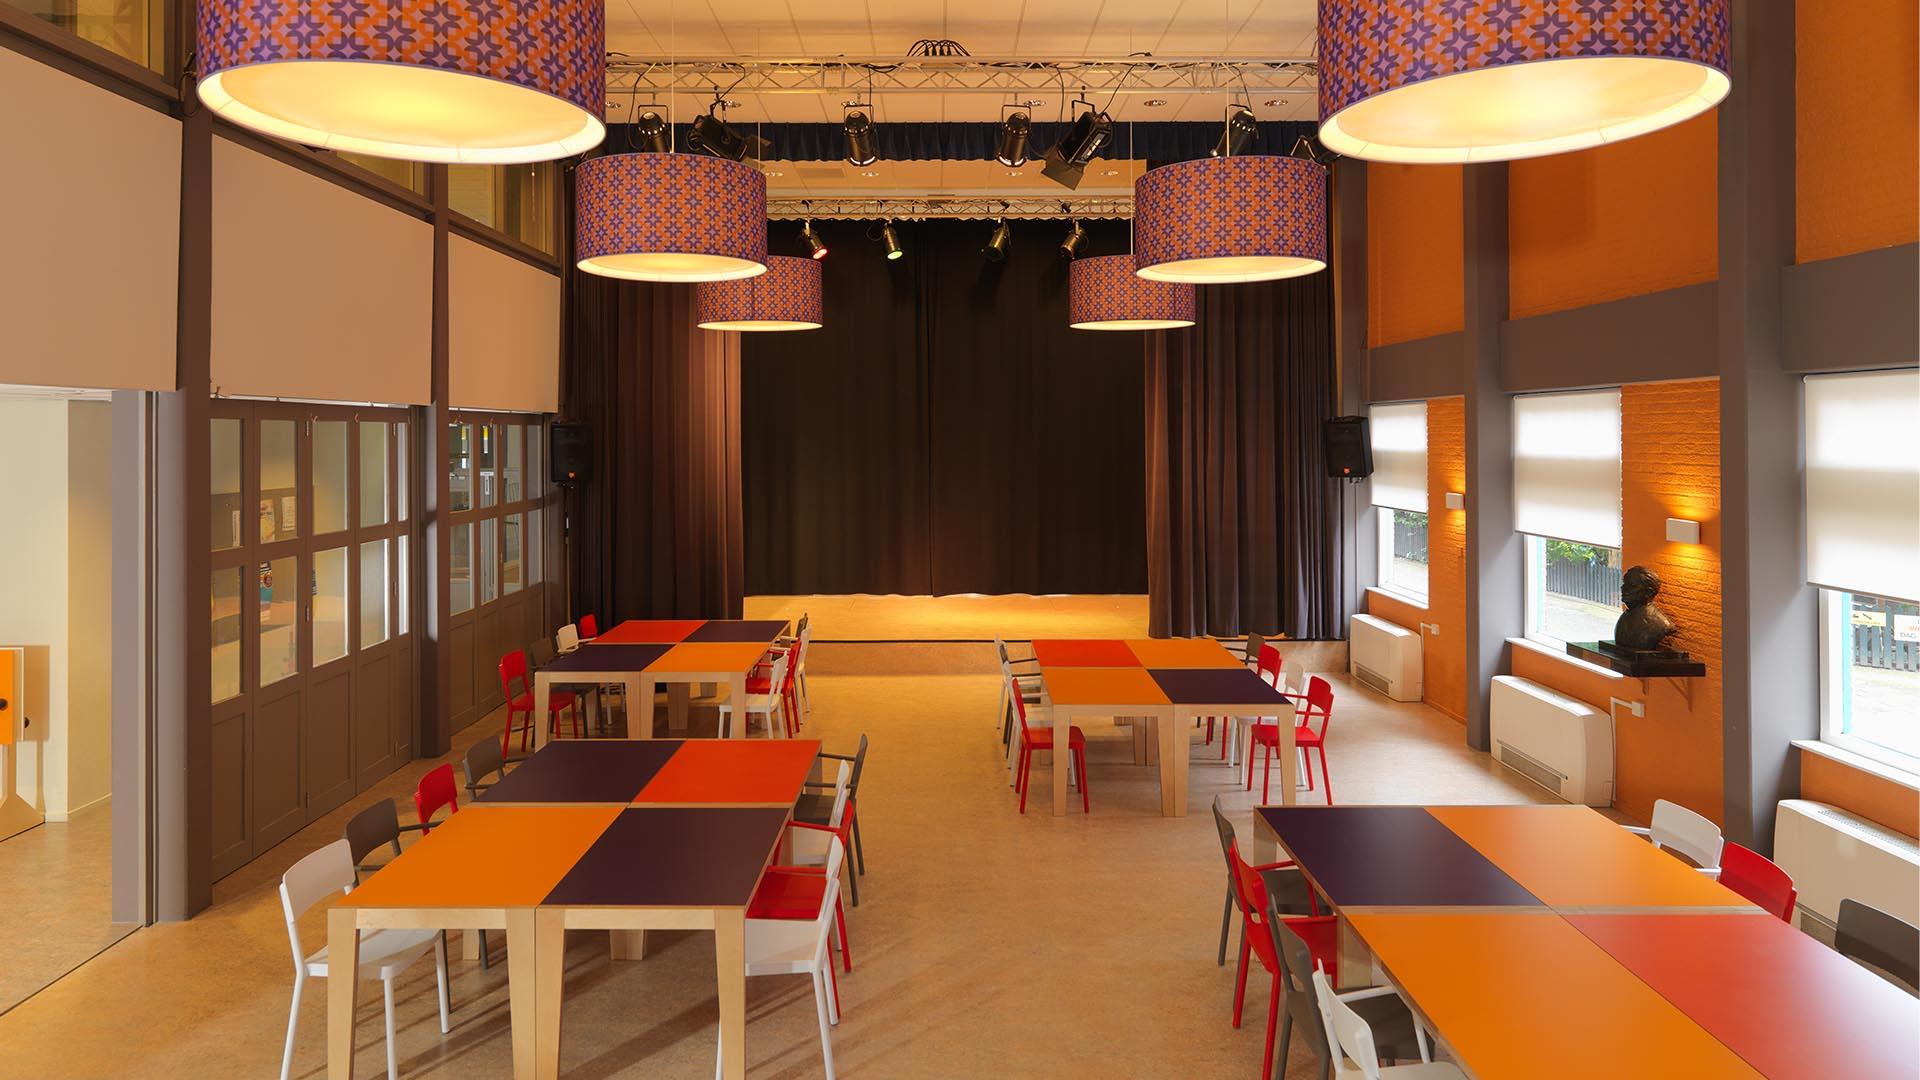 De Mussen Den Haag architectuur